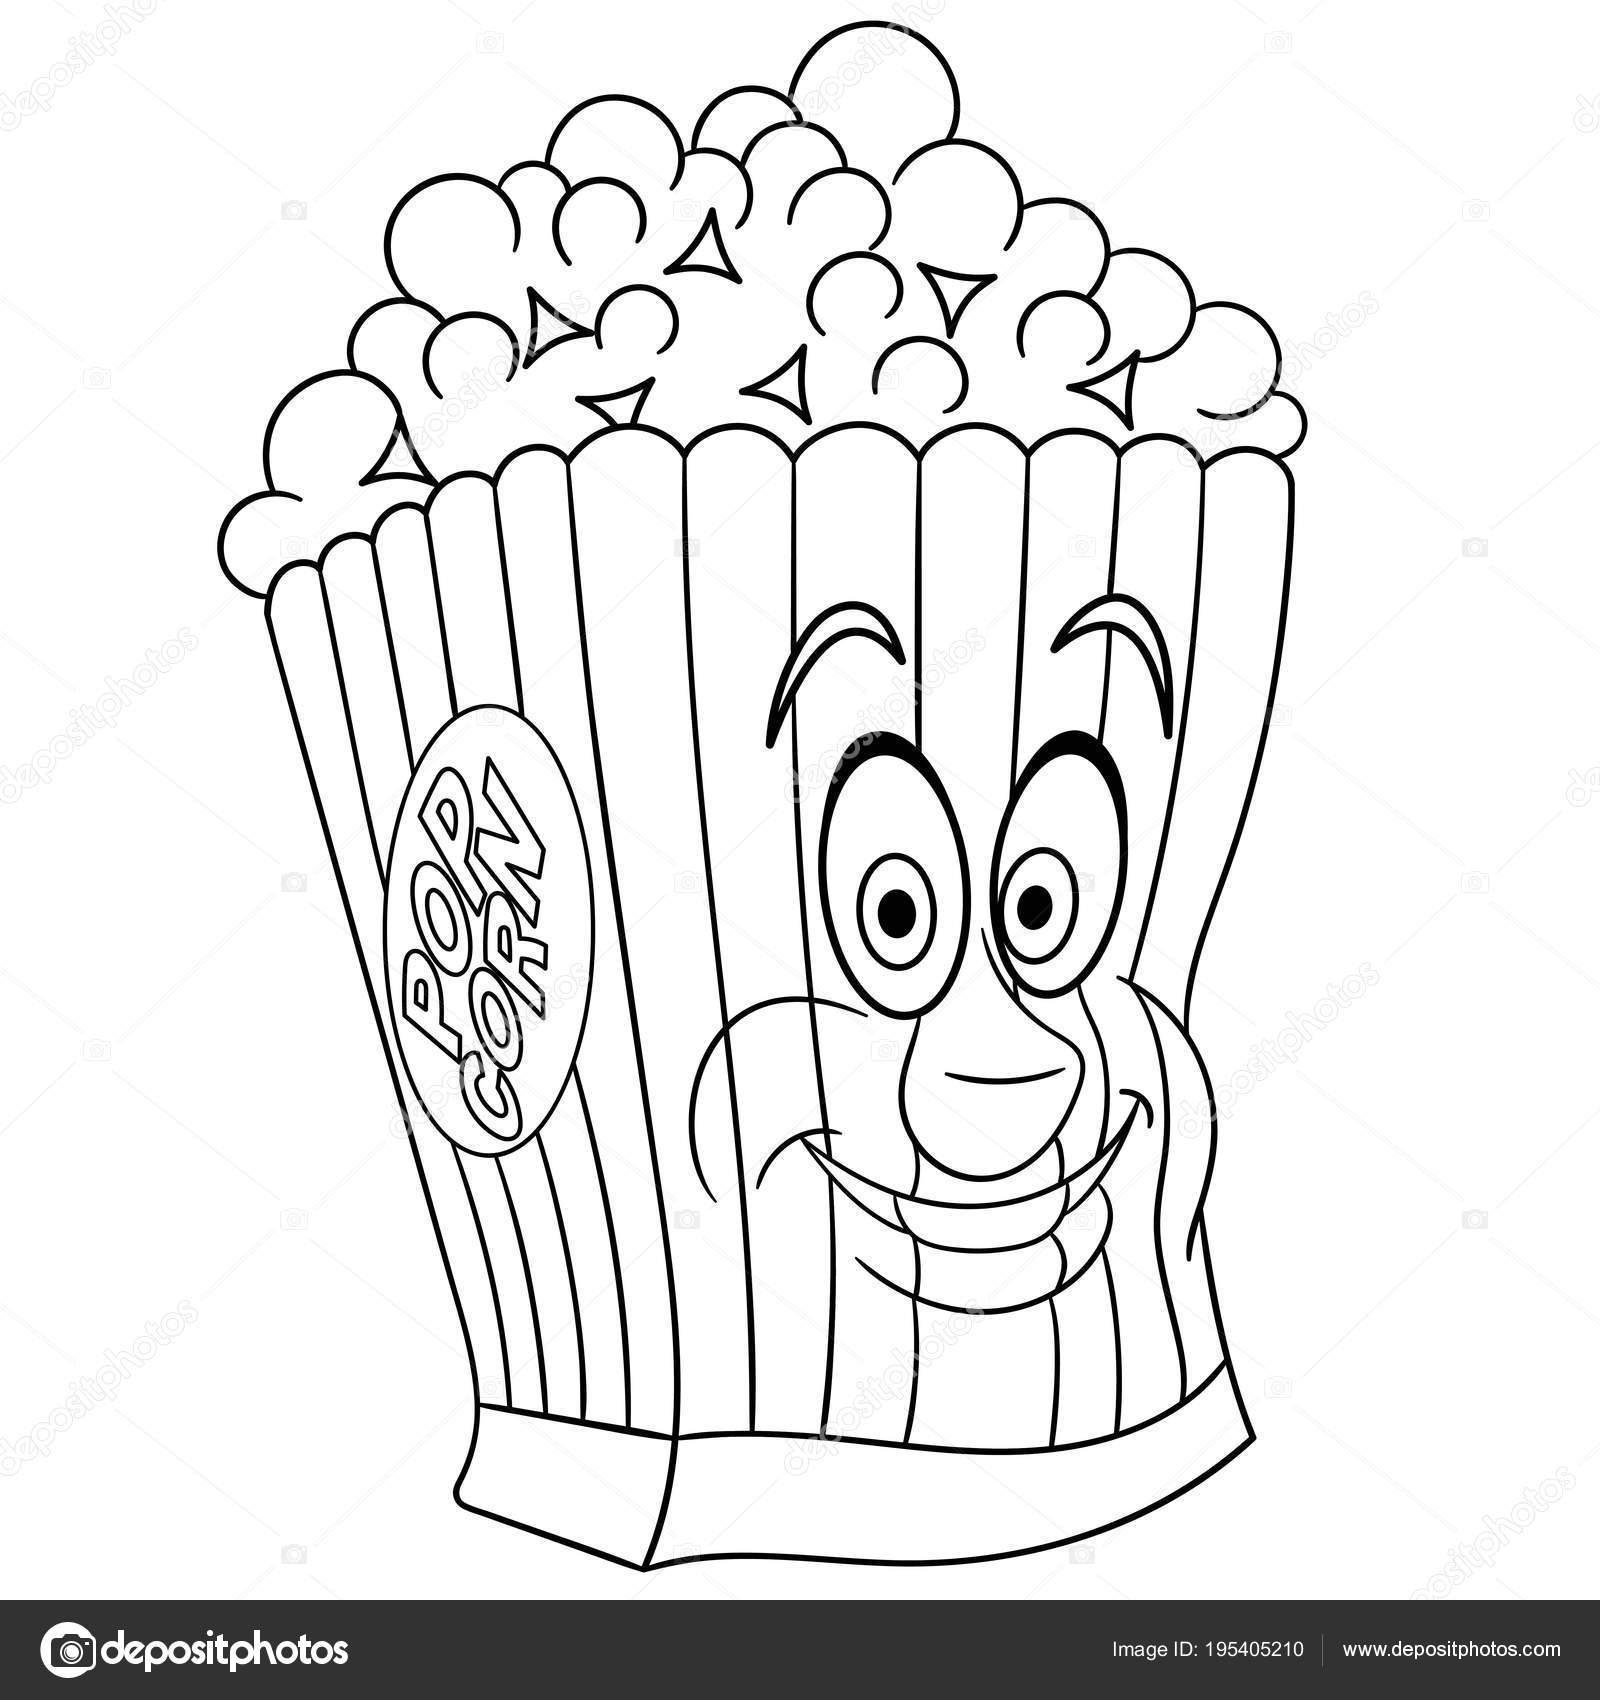 Malbuch Malvorlagen Ausmalbild Popcorn — Stockvektor © Sybirko ...